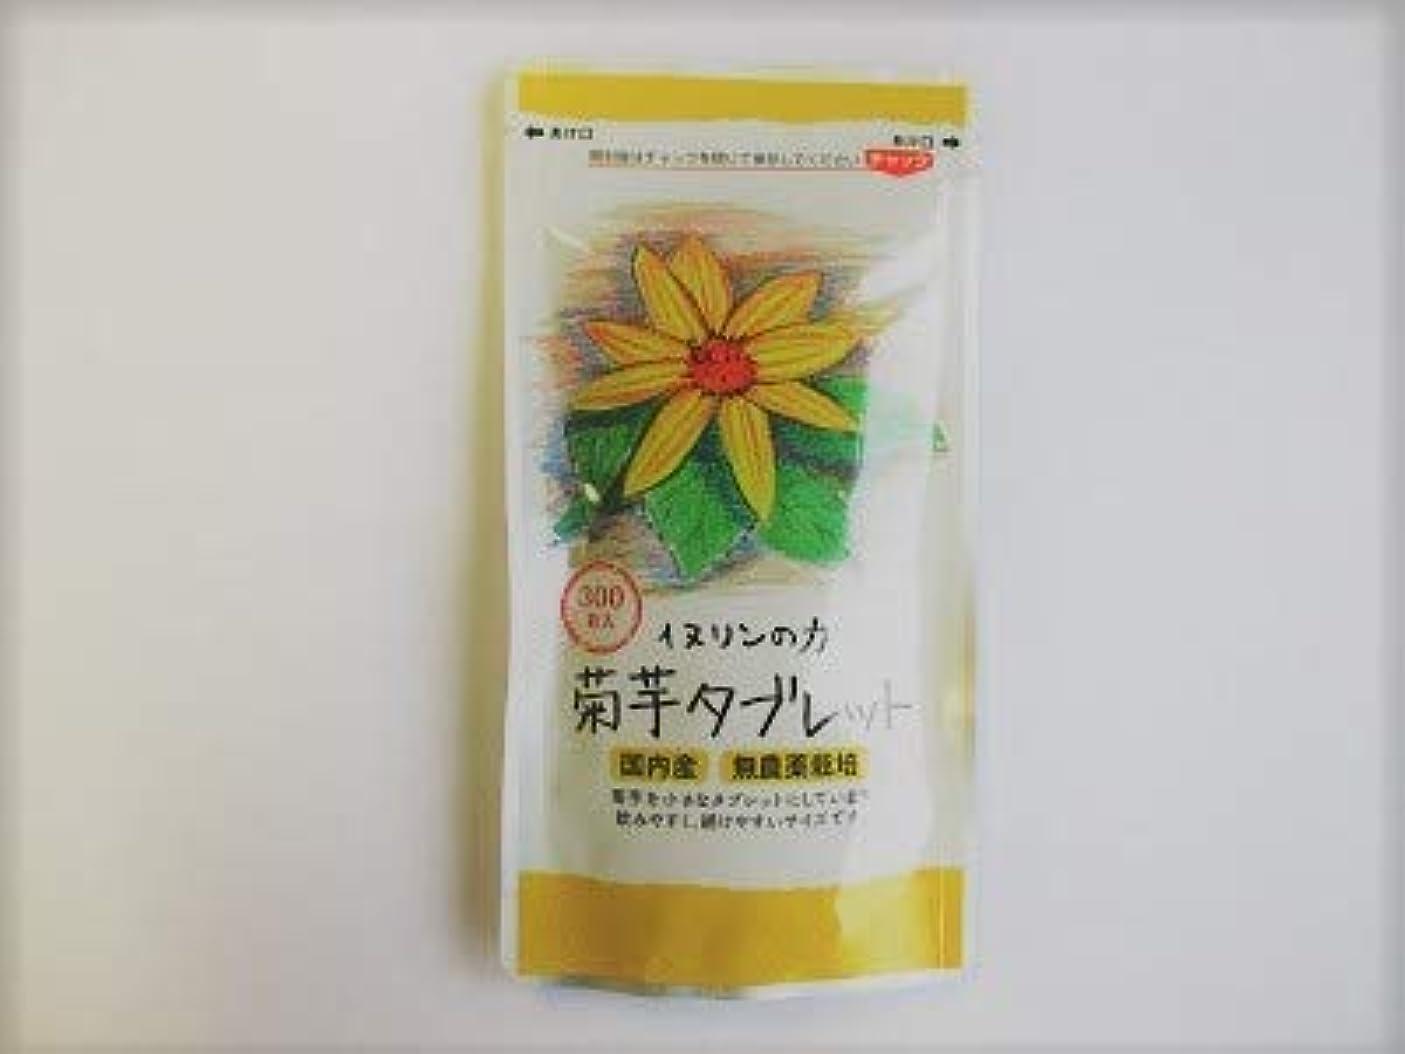 アダルト嵐のメイエラ菊芋タブレット 250mg×300粒 内容量:75g ★1袋で生菊芋=660g分相当です!